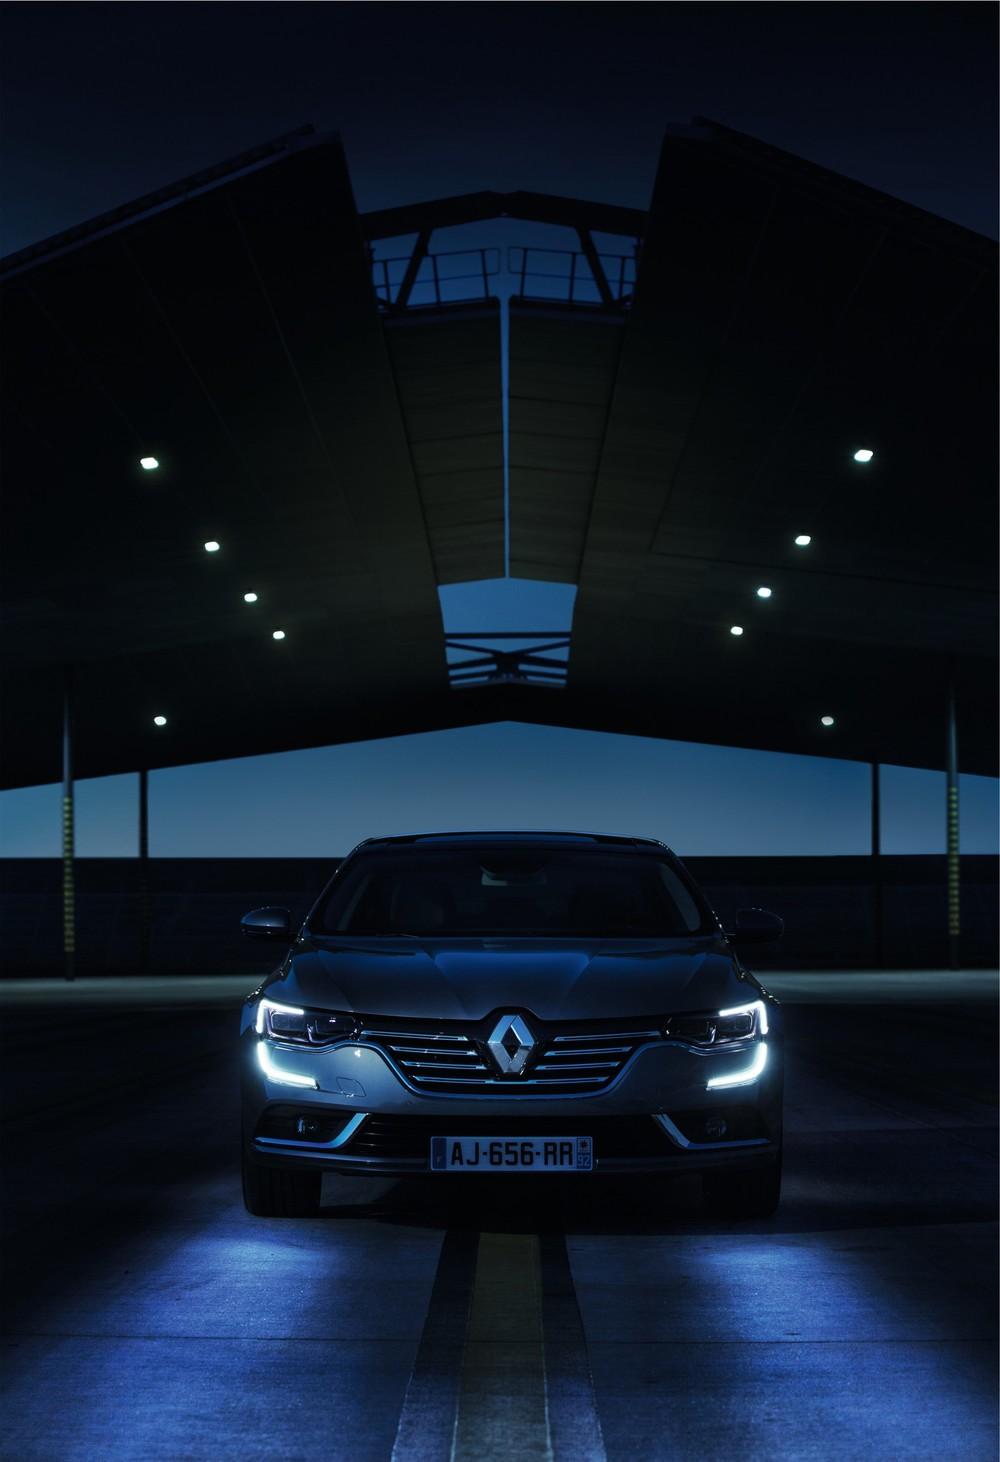 Renault_69956_global_en.jpg